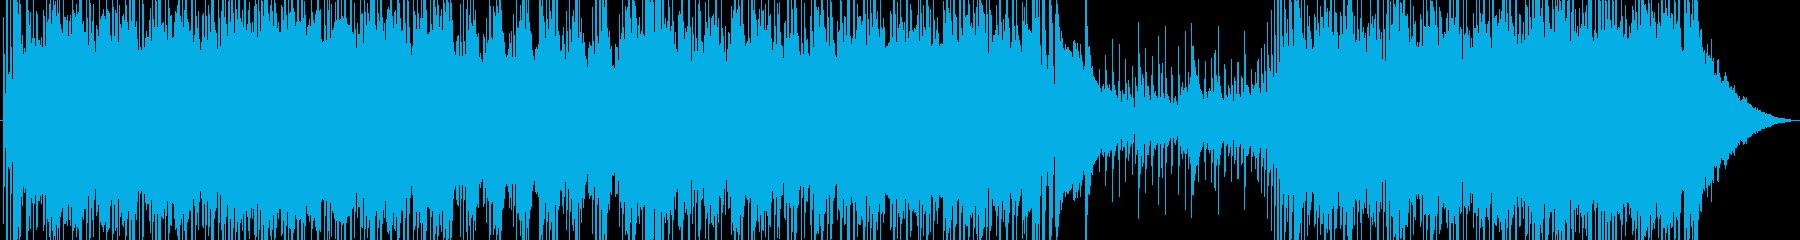 オリエンタルなフレーズが印象的なロックの再生済みの波形